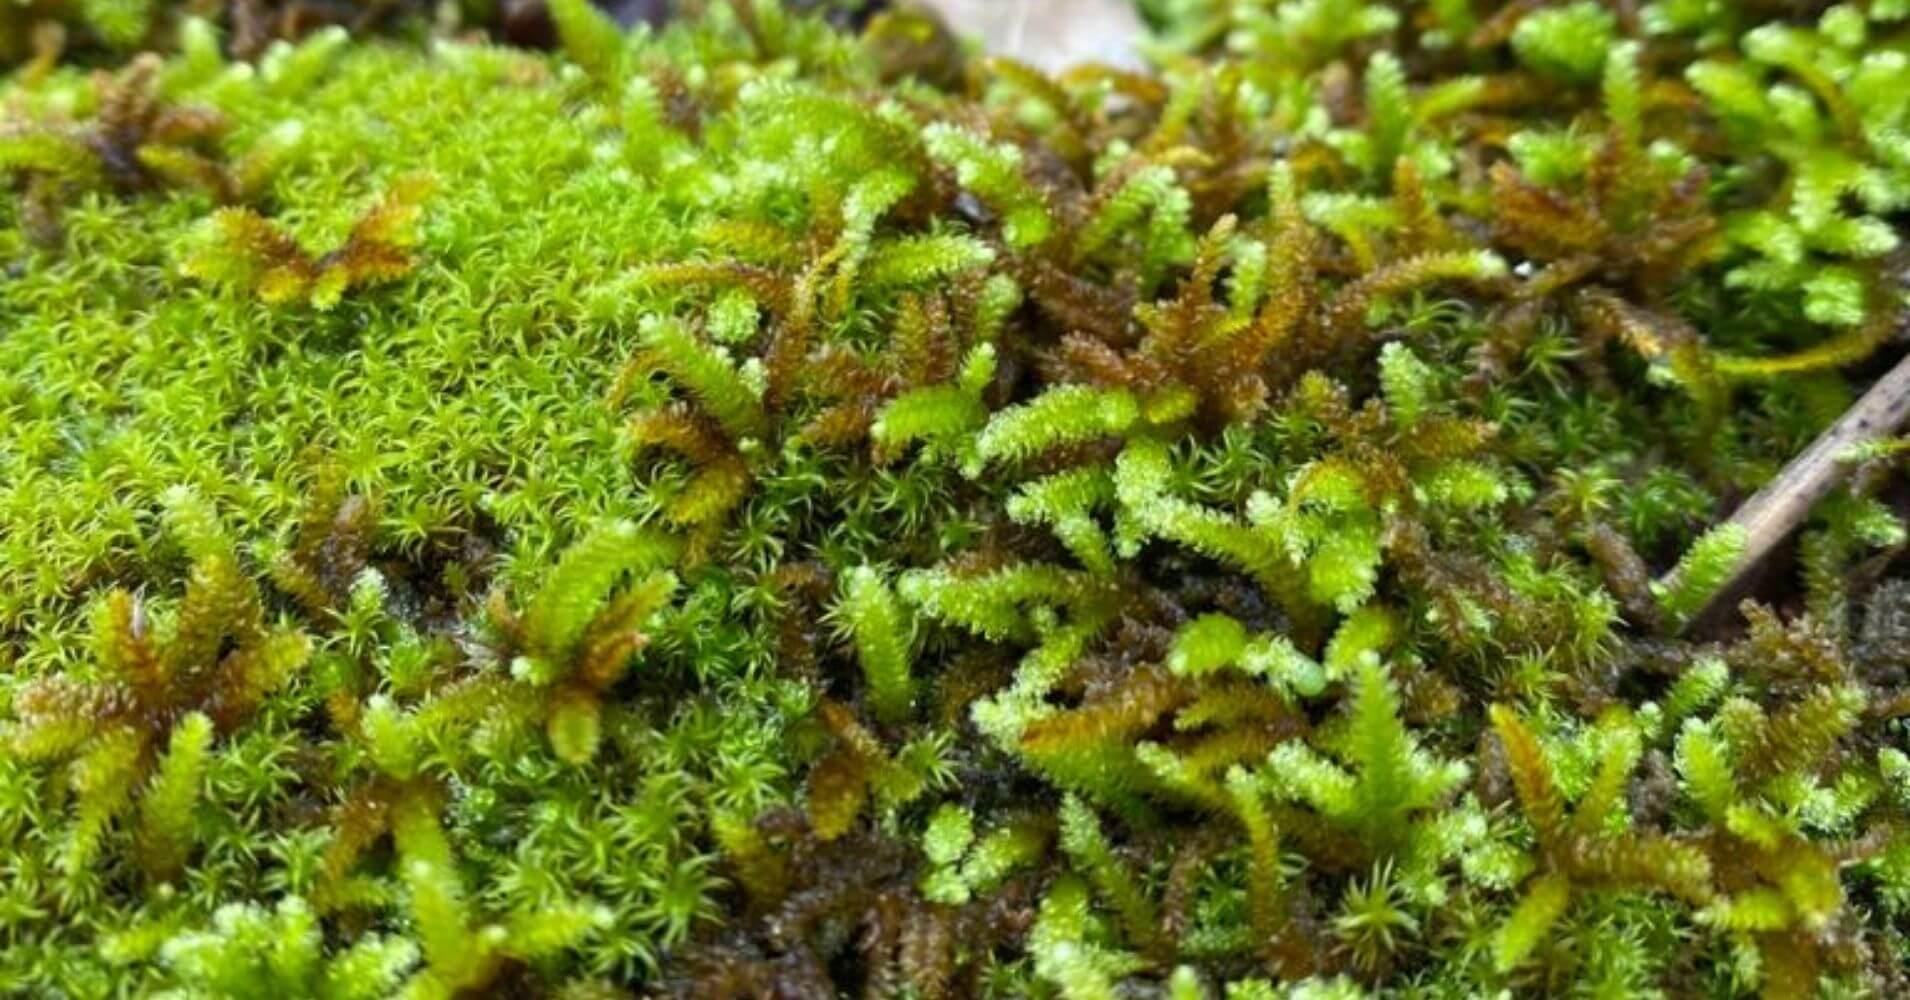 Flora del Parque Natural Valle de Alcudia y Sierra Madrona. Ciudad Real, Castilla La Mancha.